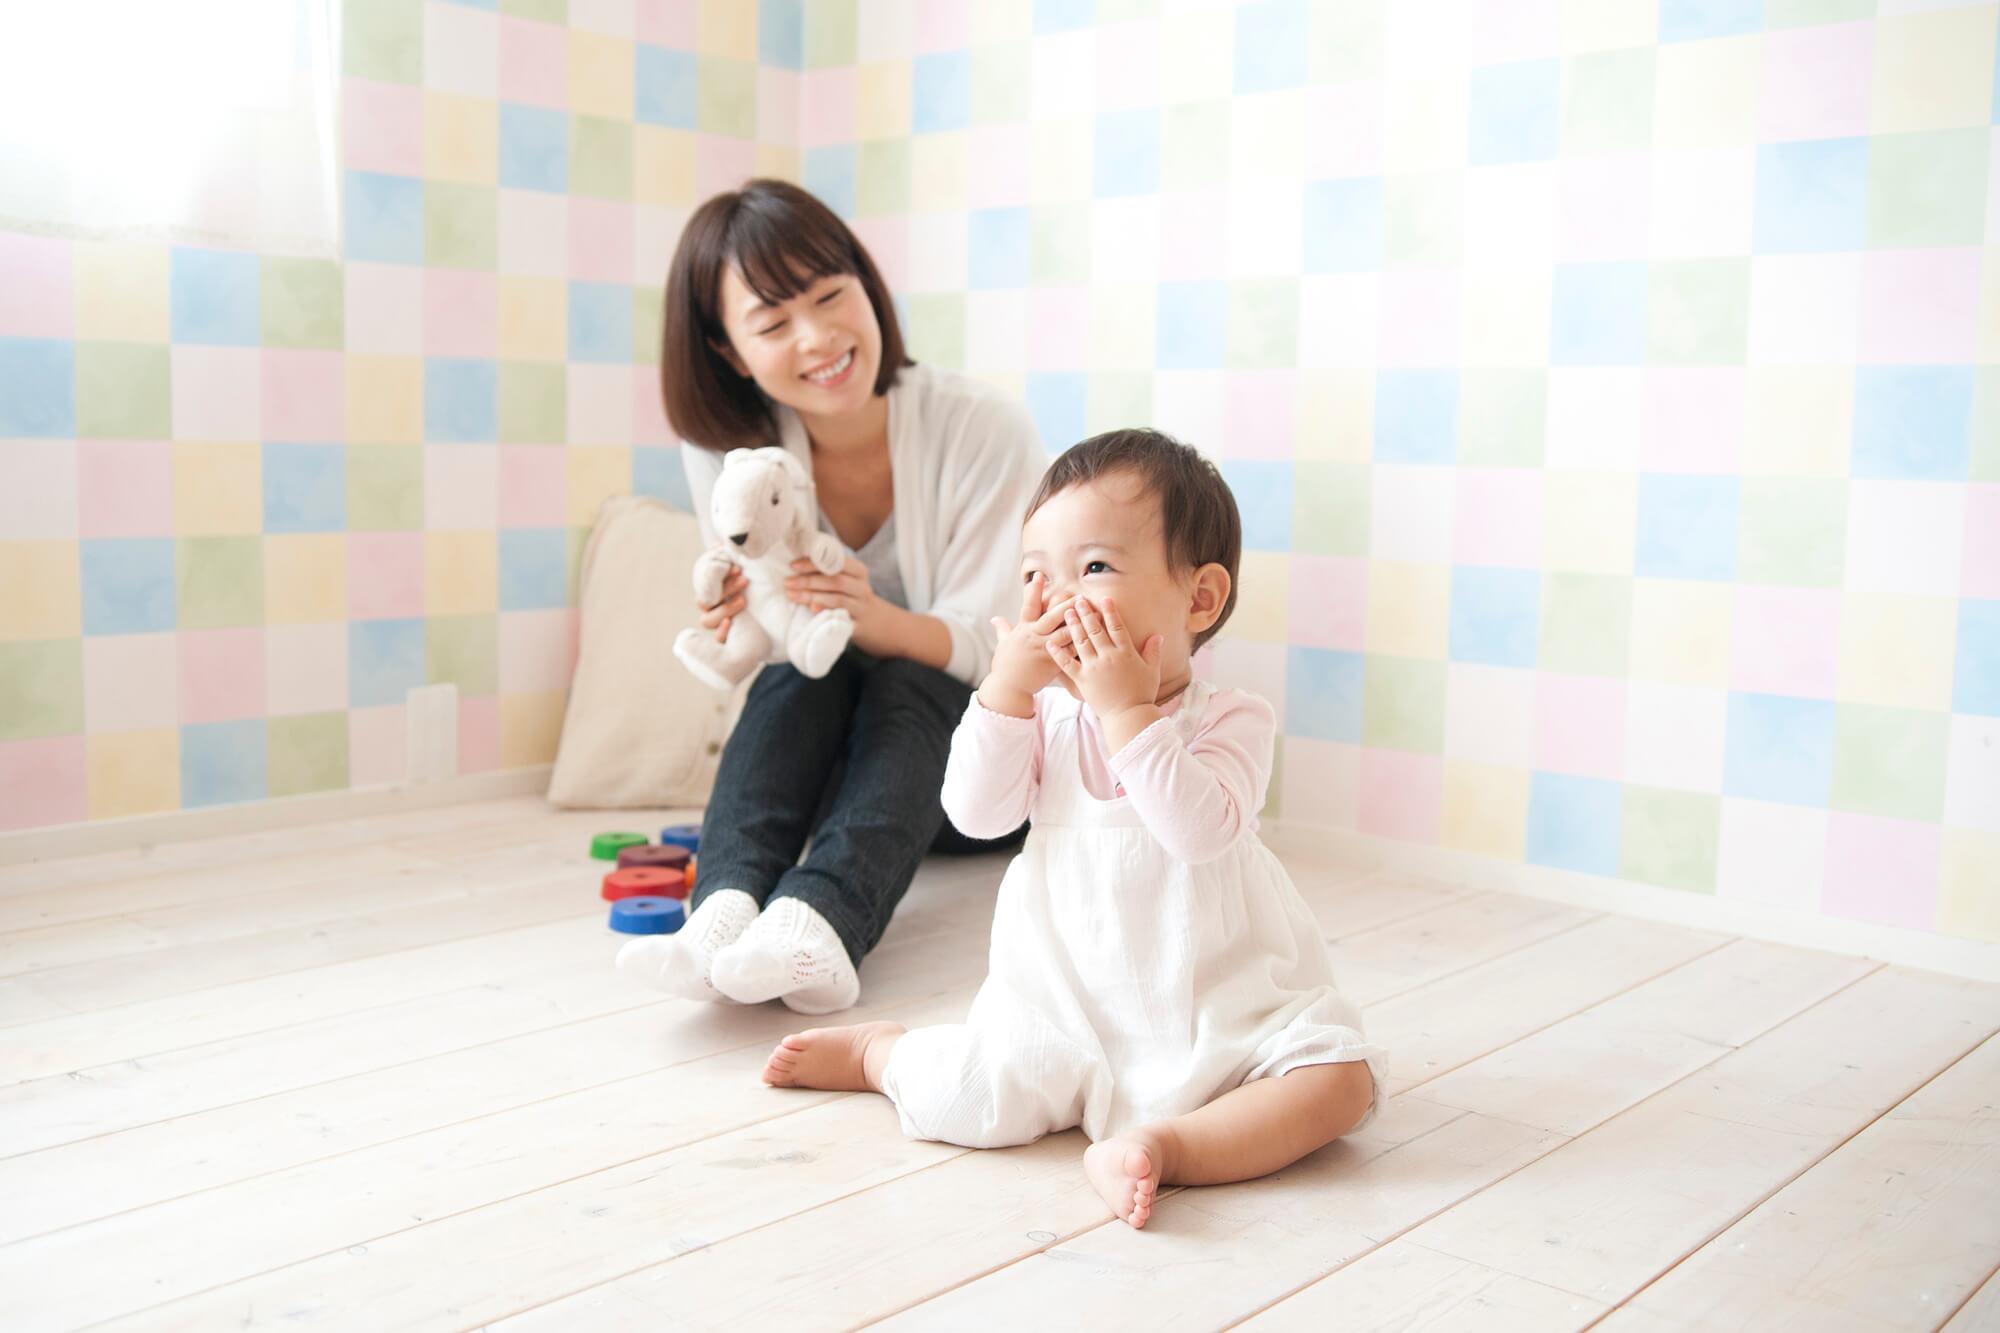 子どもにはキレイなものを!<br>クエン酸でおもちゃの置き洗い